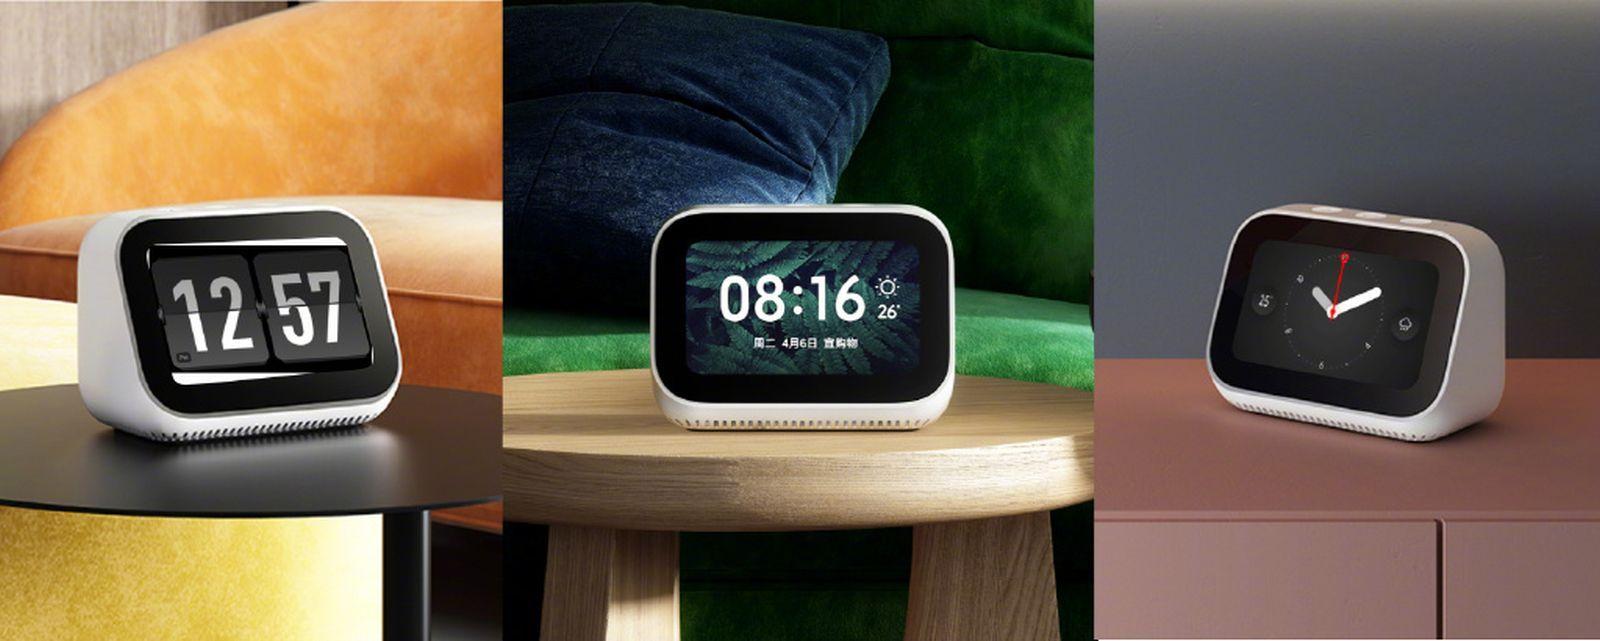 Xiaomi Developing A Smart Home Hub, Coming Soon